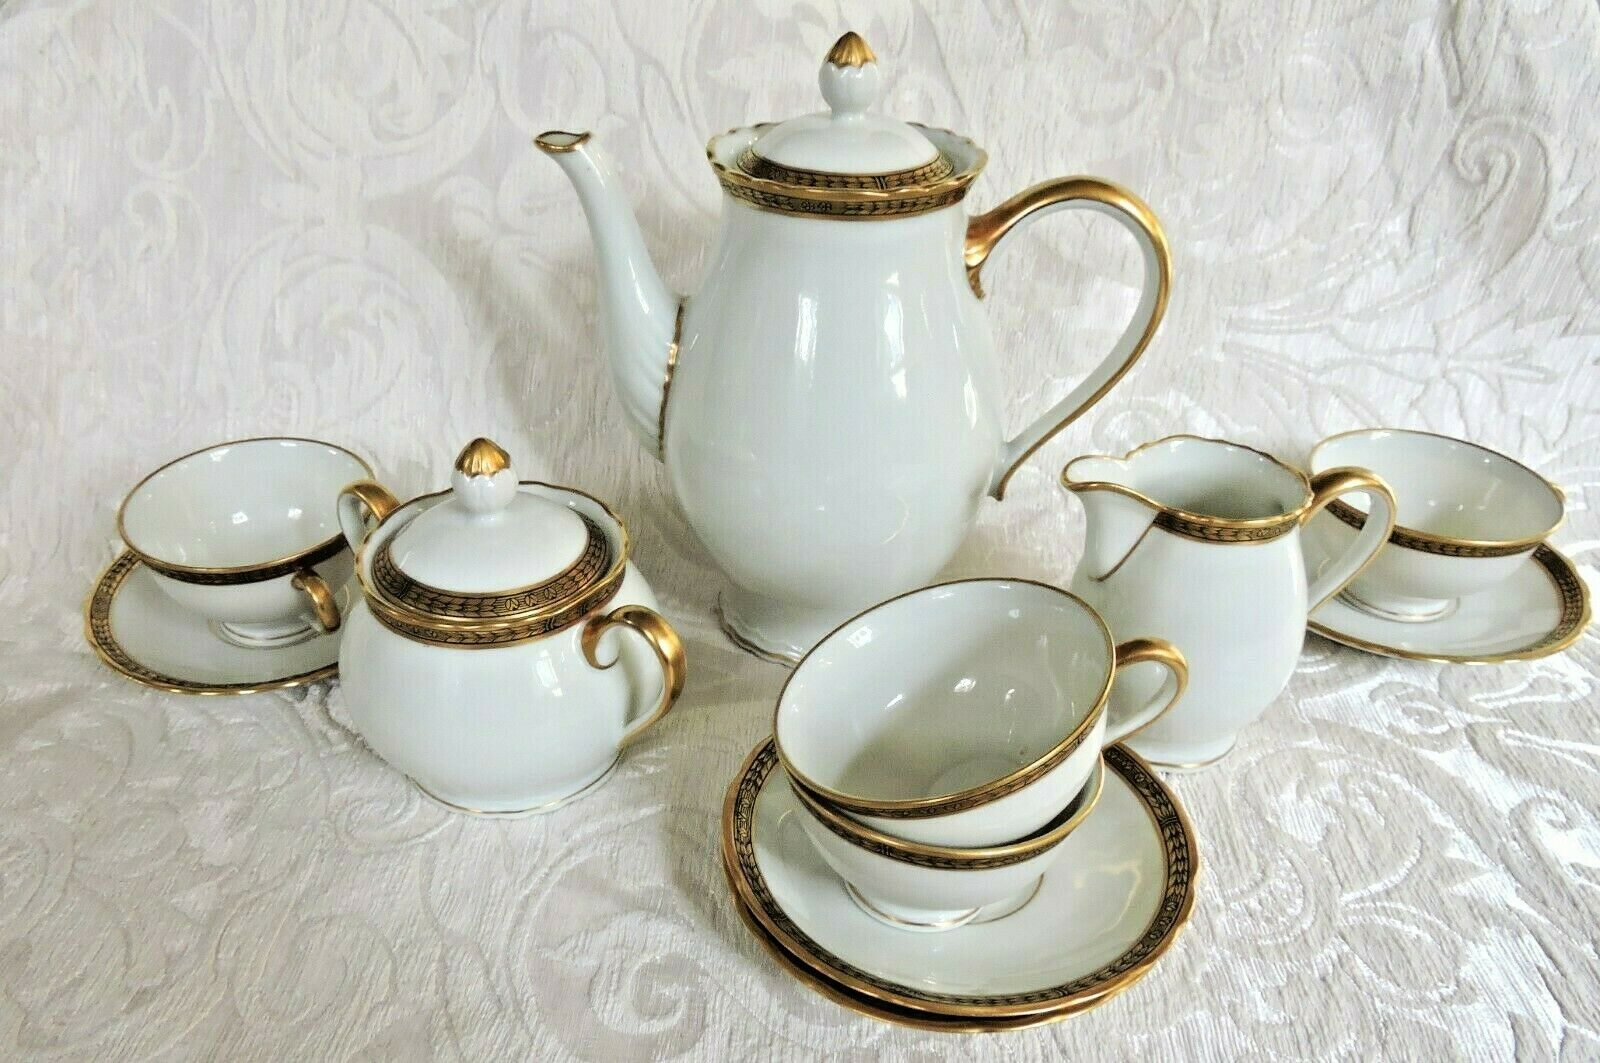 Servizio da caffè Richard Ginori 1950 porcellana bianca rifiniture oro zecchino